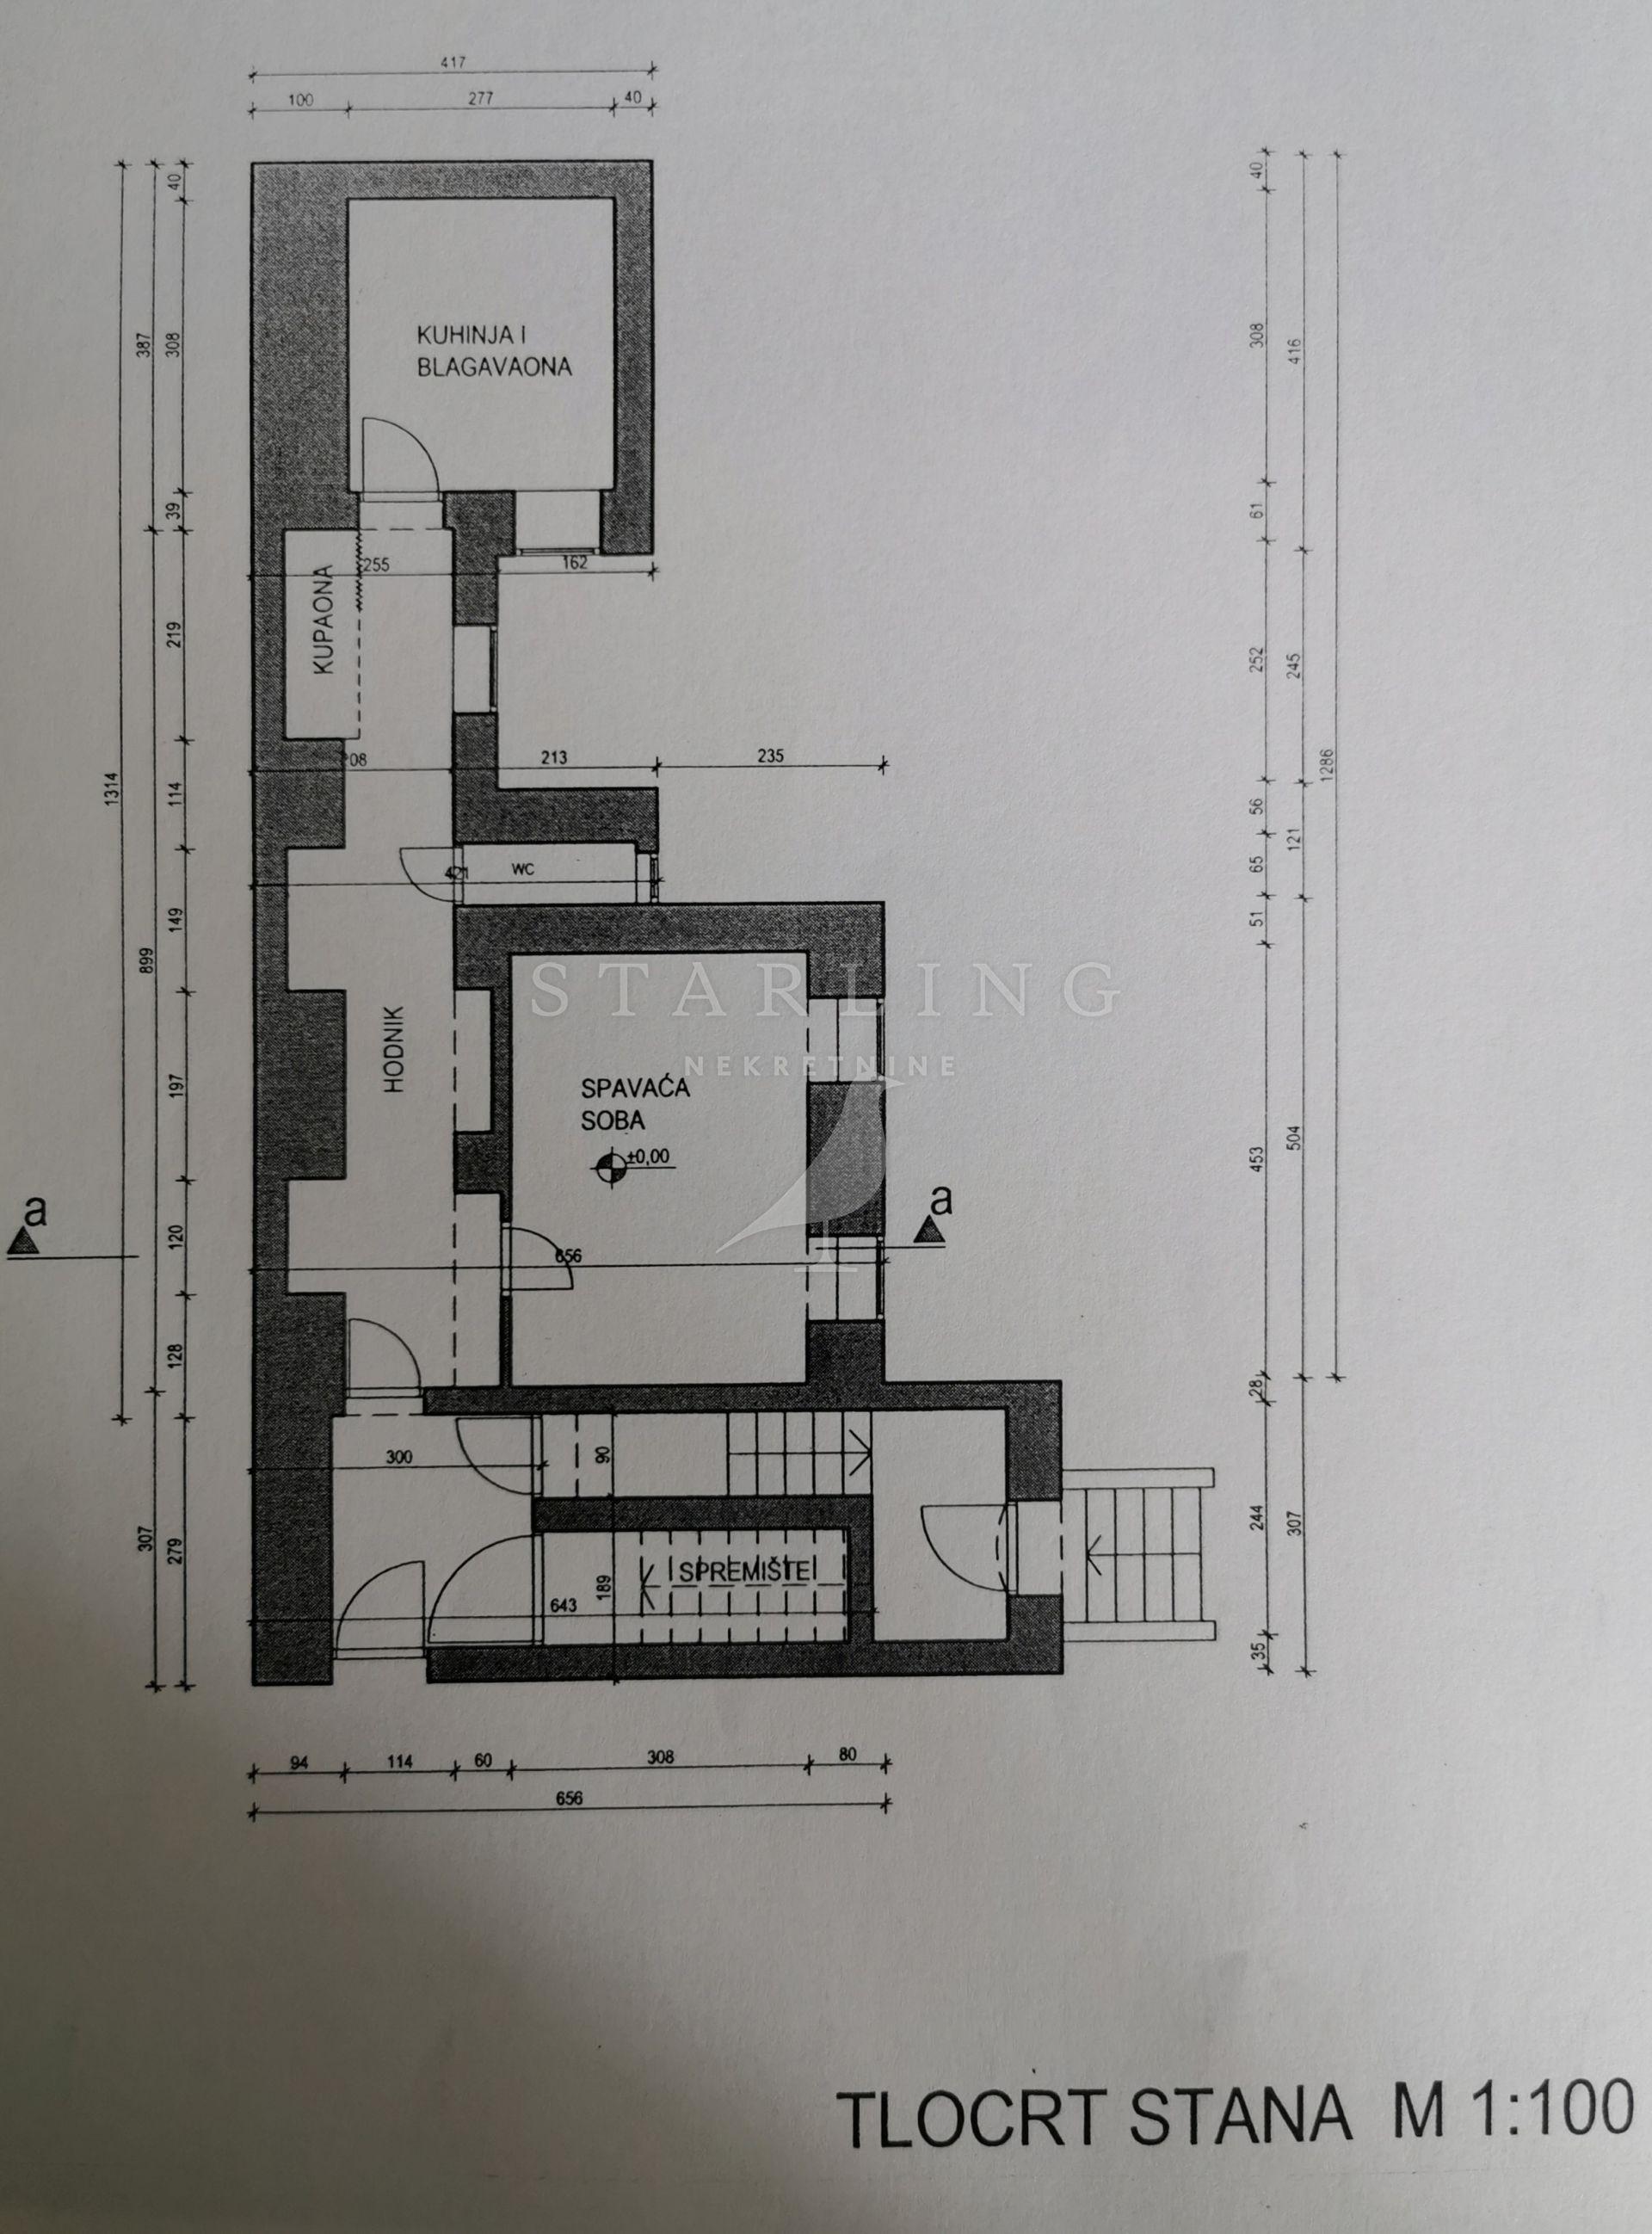 STAN, PRODAJA, ZAGREB, ČRNOMEREC, ULICA GRADA MAINZA 39 m2,